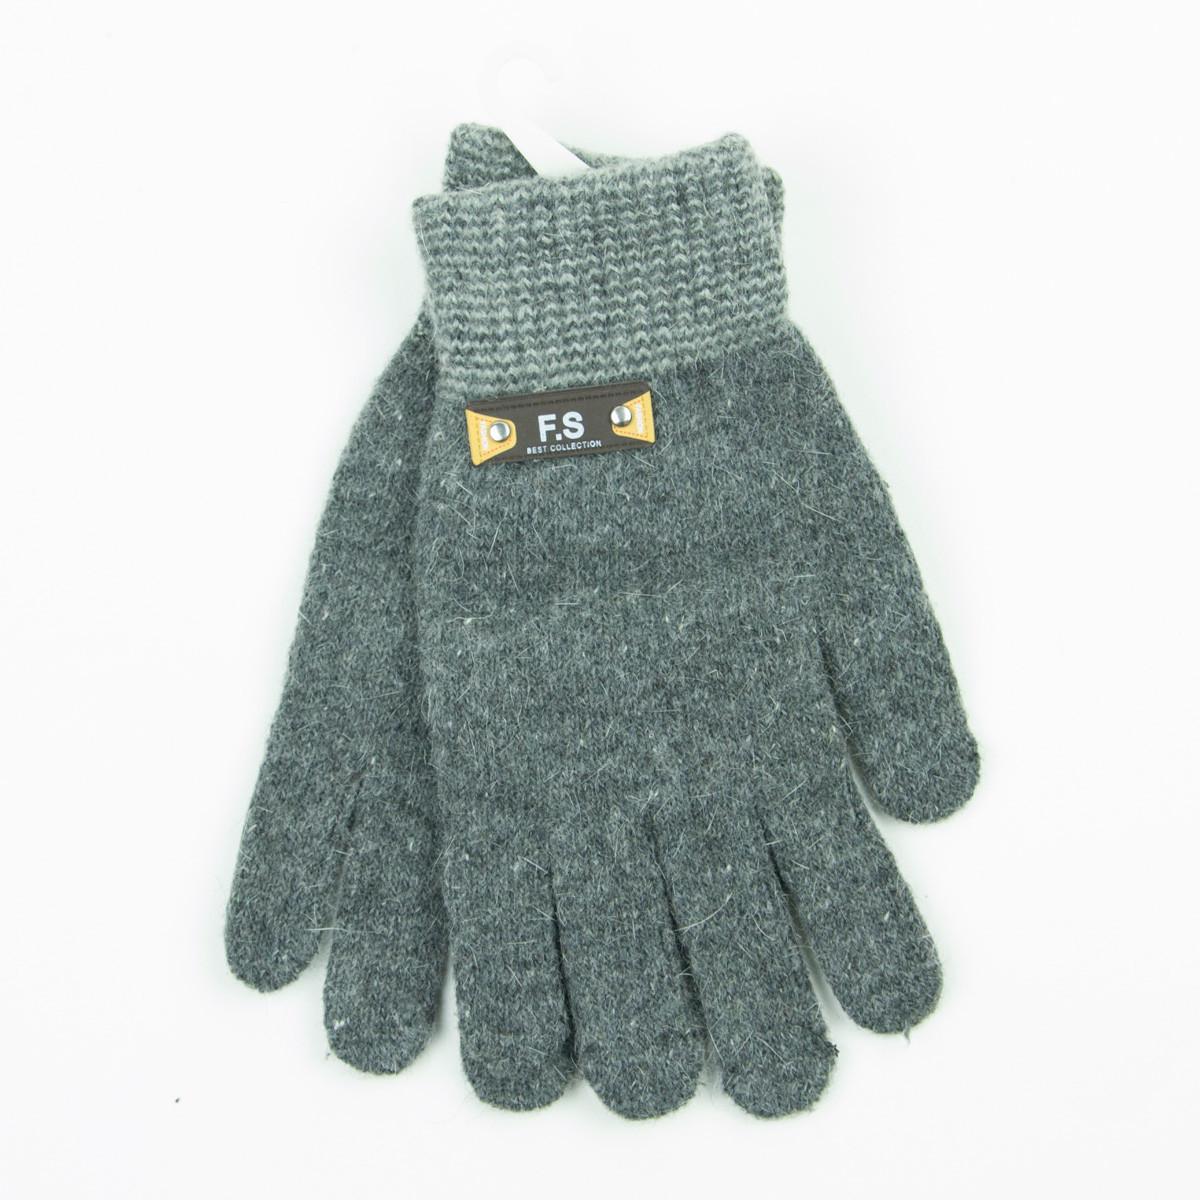 Подростковые демисезонные перчатки для мальчиков от 15 лет - 19-7-57 - Серый